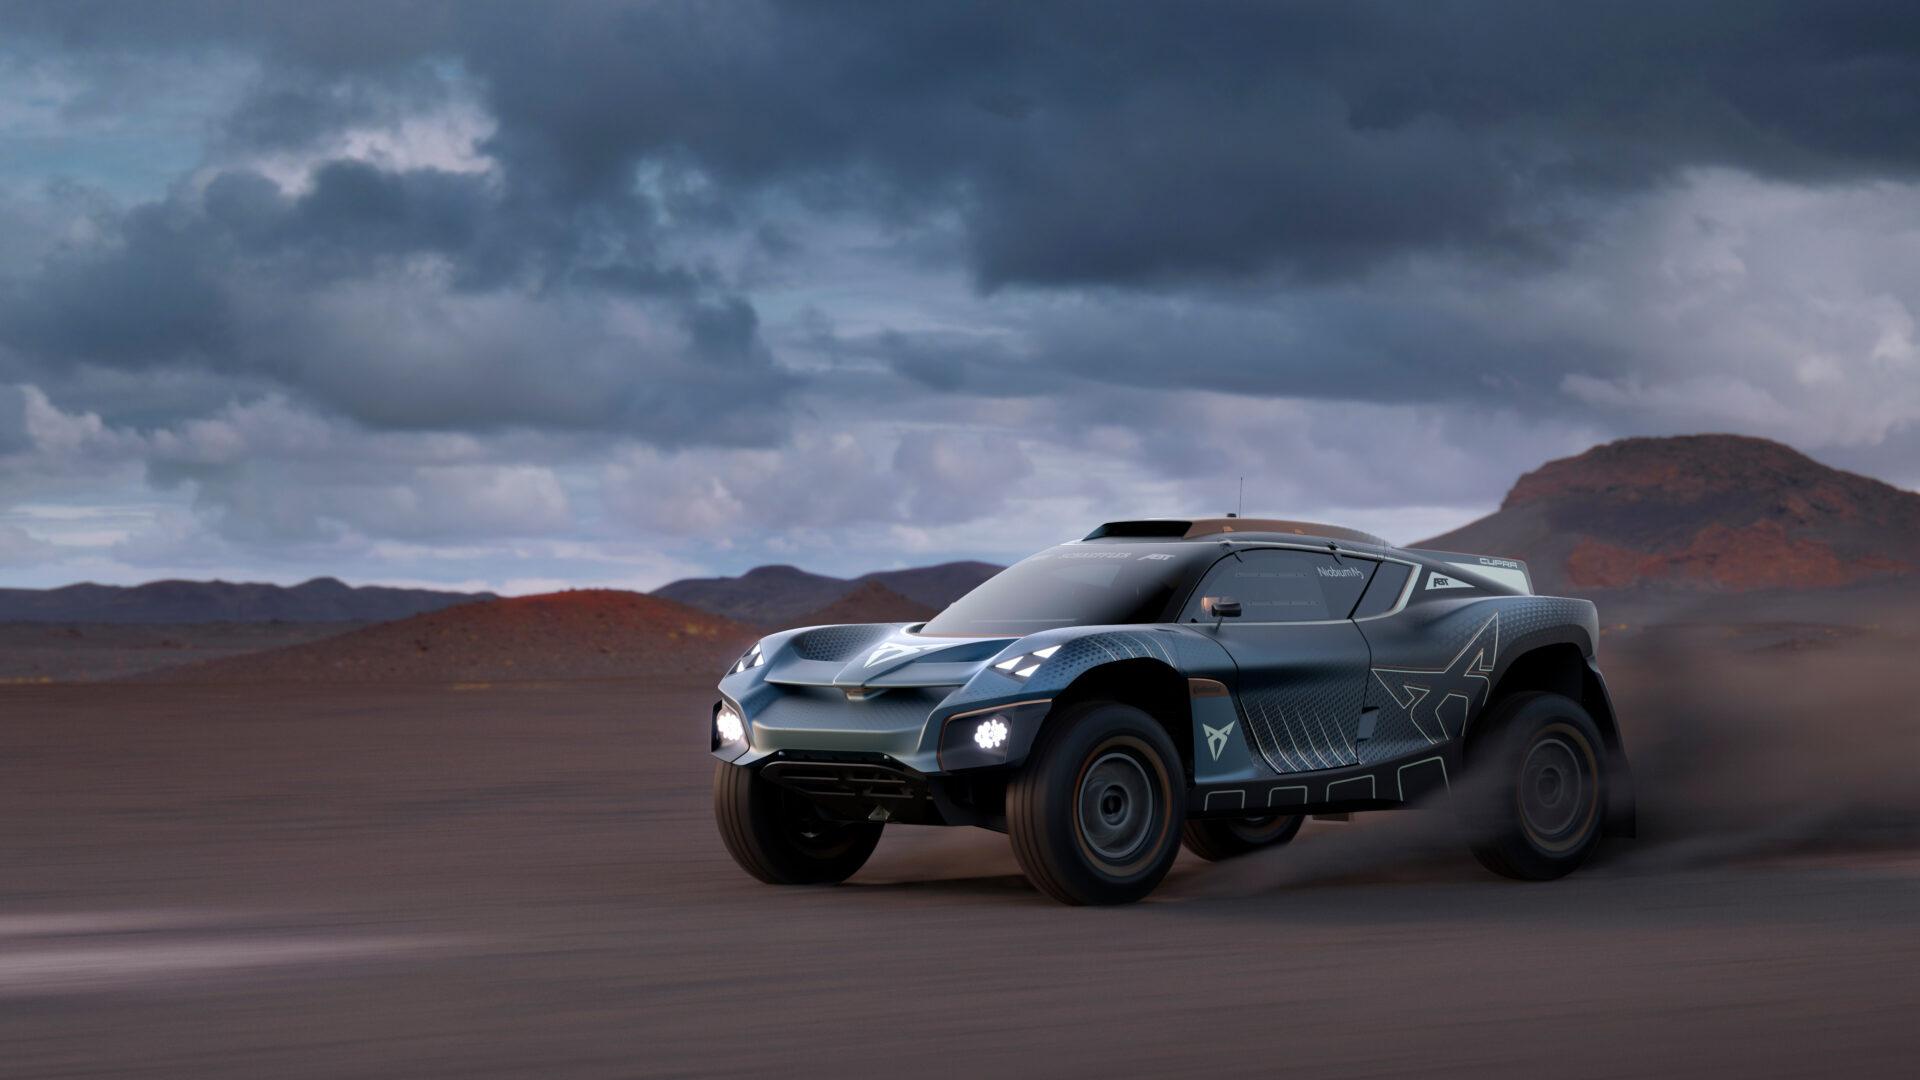 Cupra Tavascan Extreme E Concept: un eléctrico de competición anticipo del futuro Tavascan